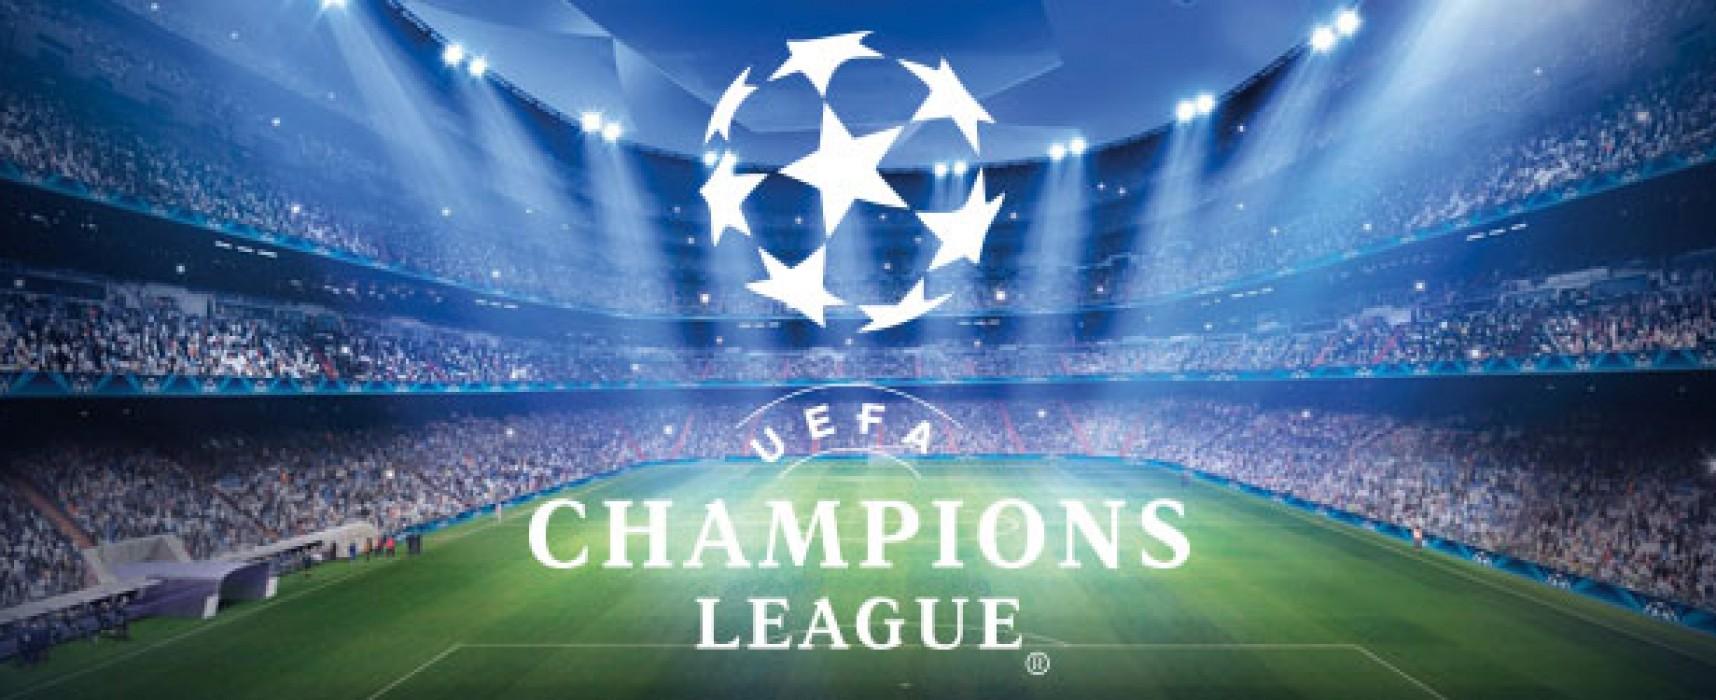 Finale di Champions League a Milano